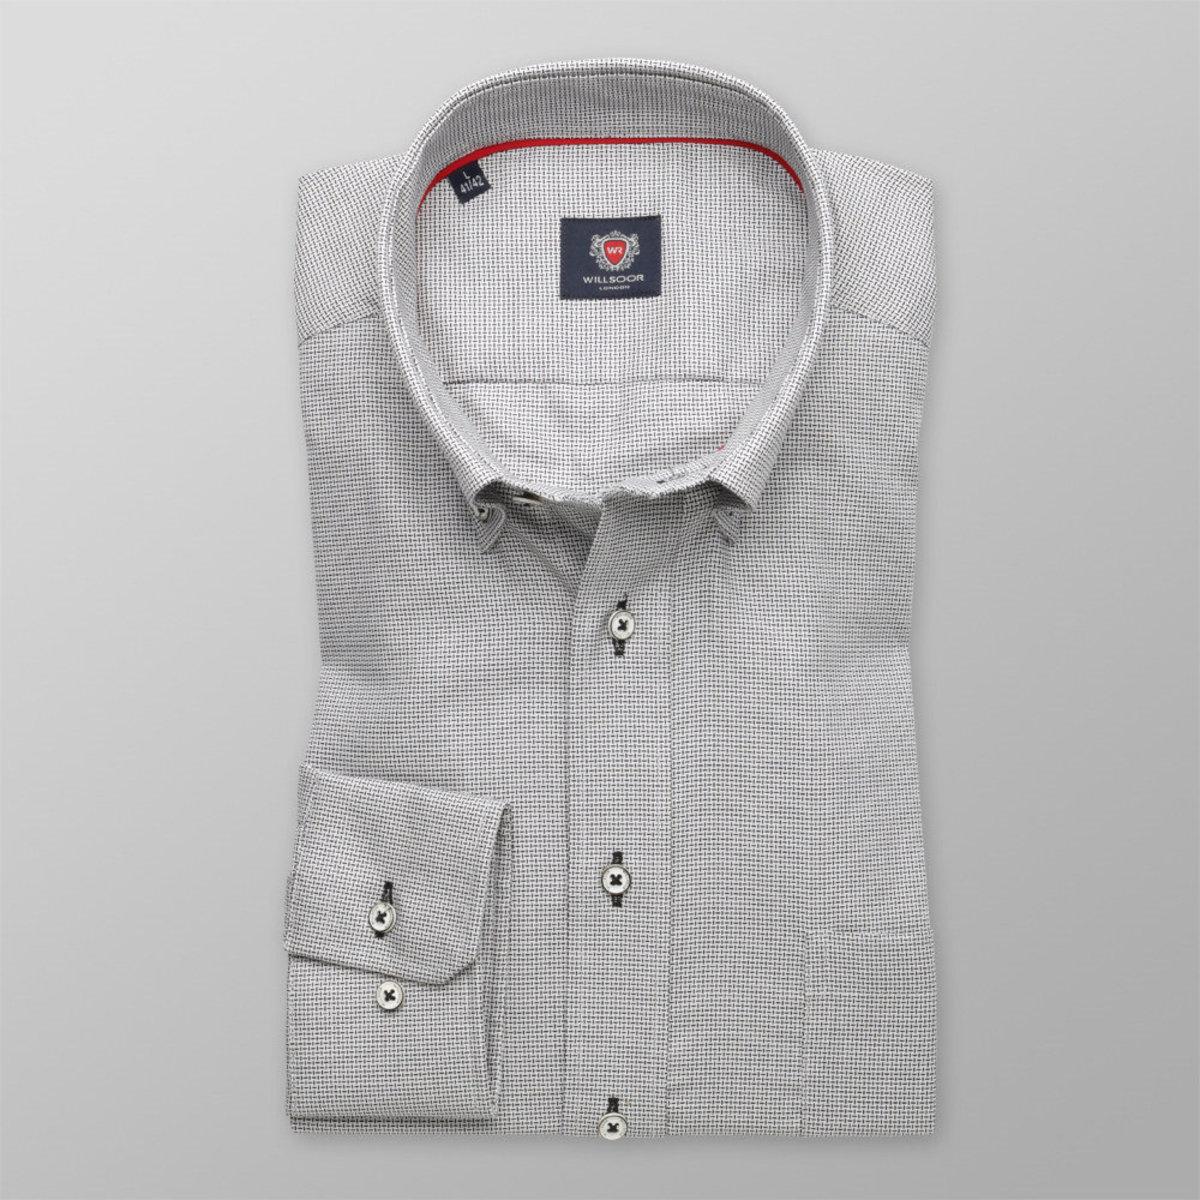 Pánská klasická košile London (výška 176-182) 8591 v šedé barvě s úpravou easy care 176-182 / L (41/42)